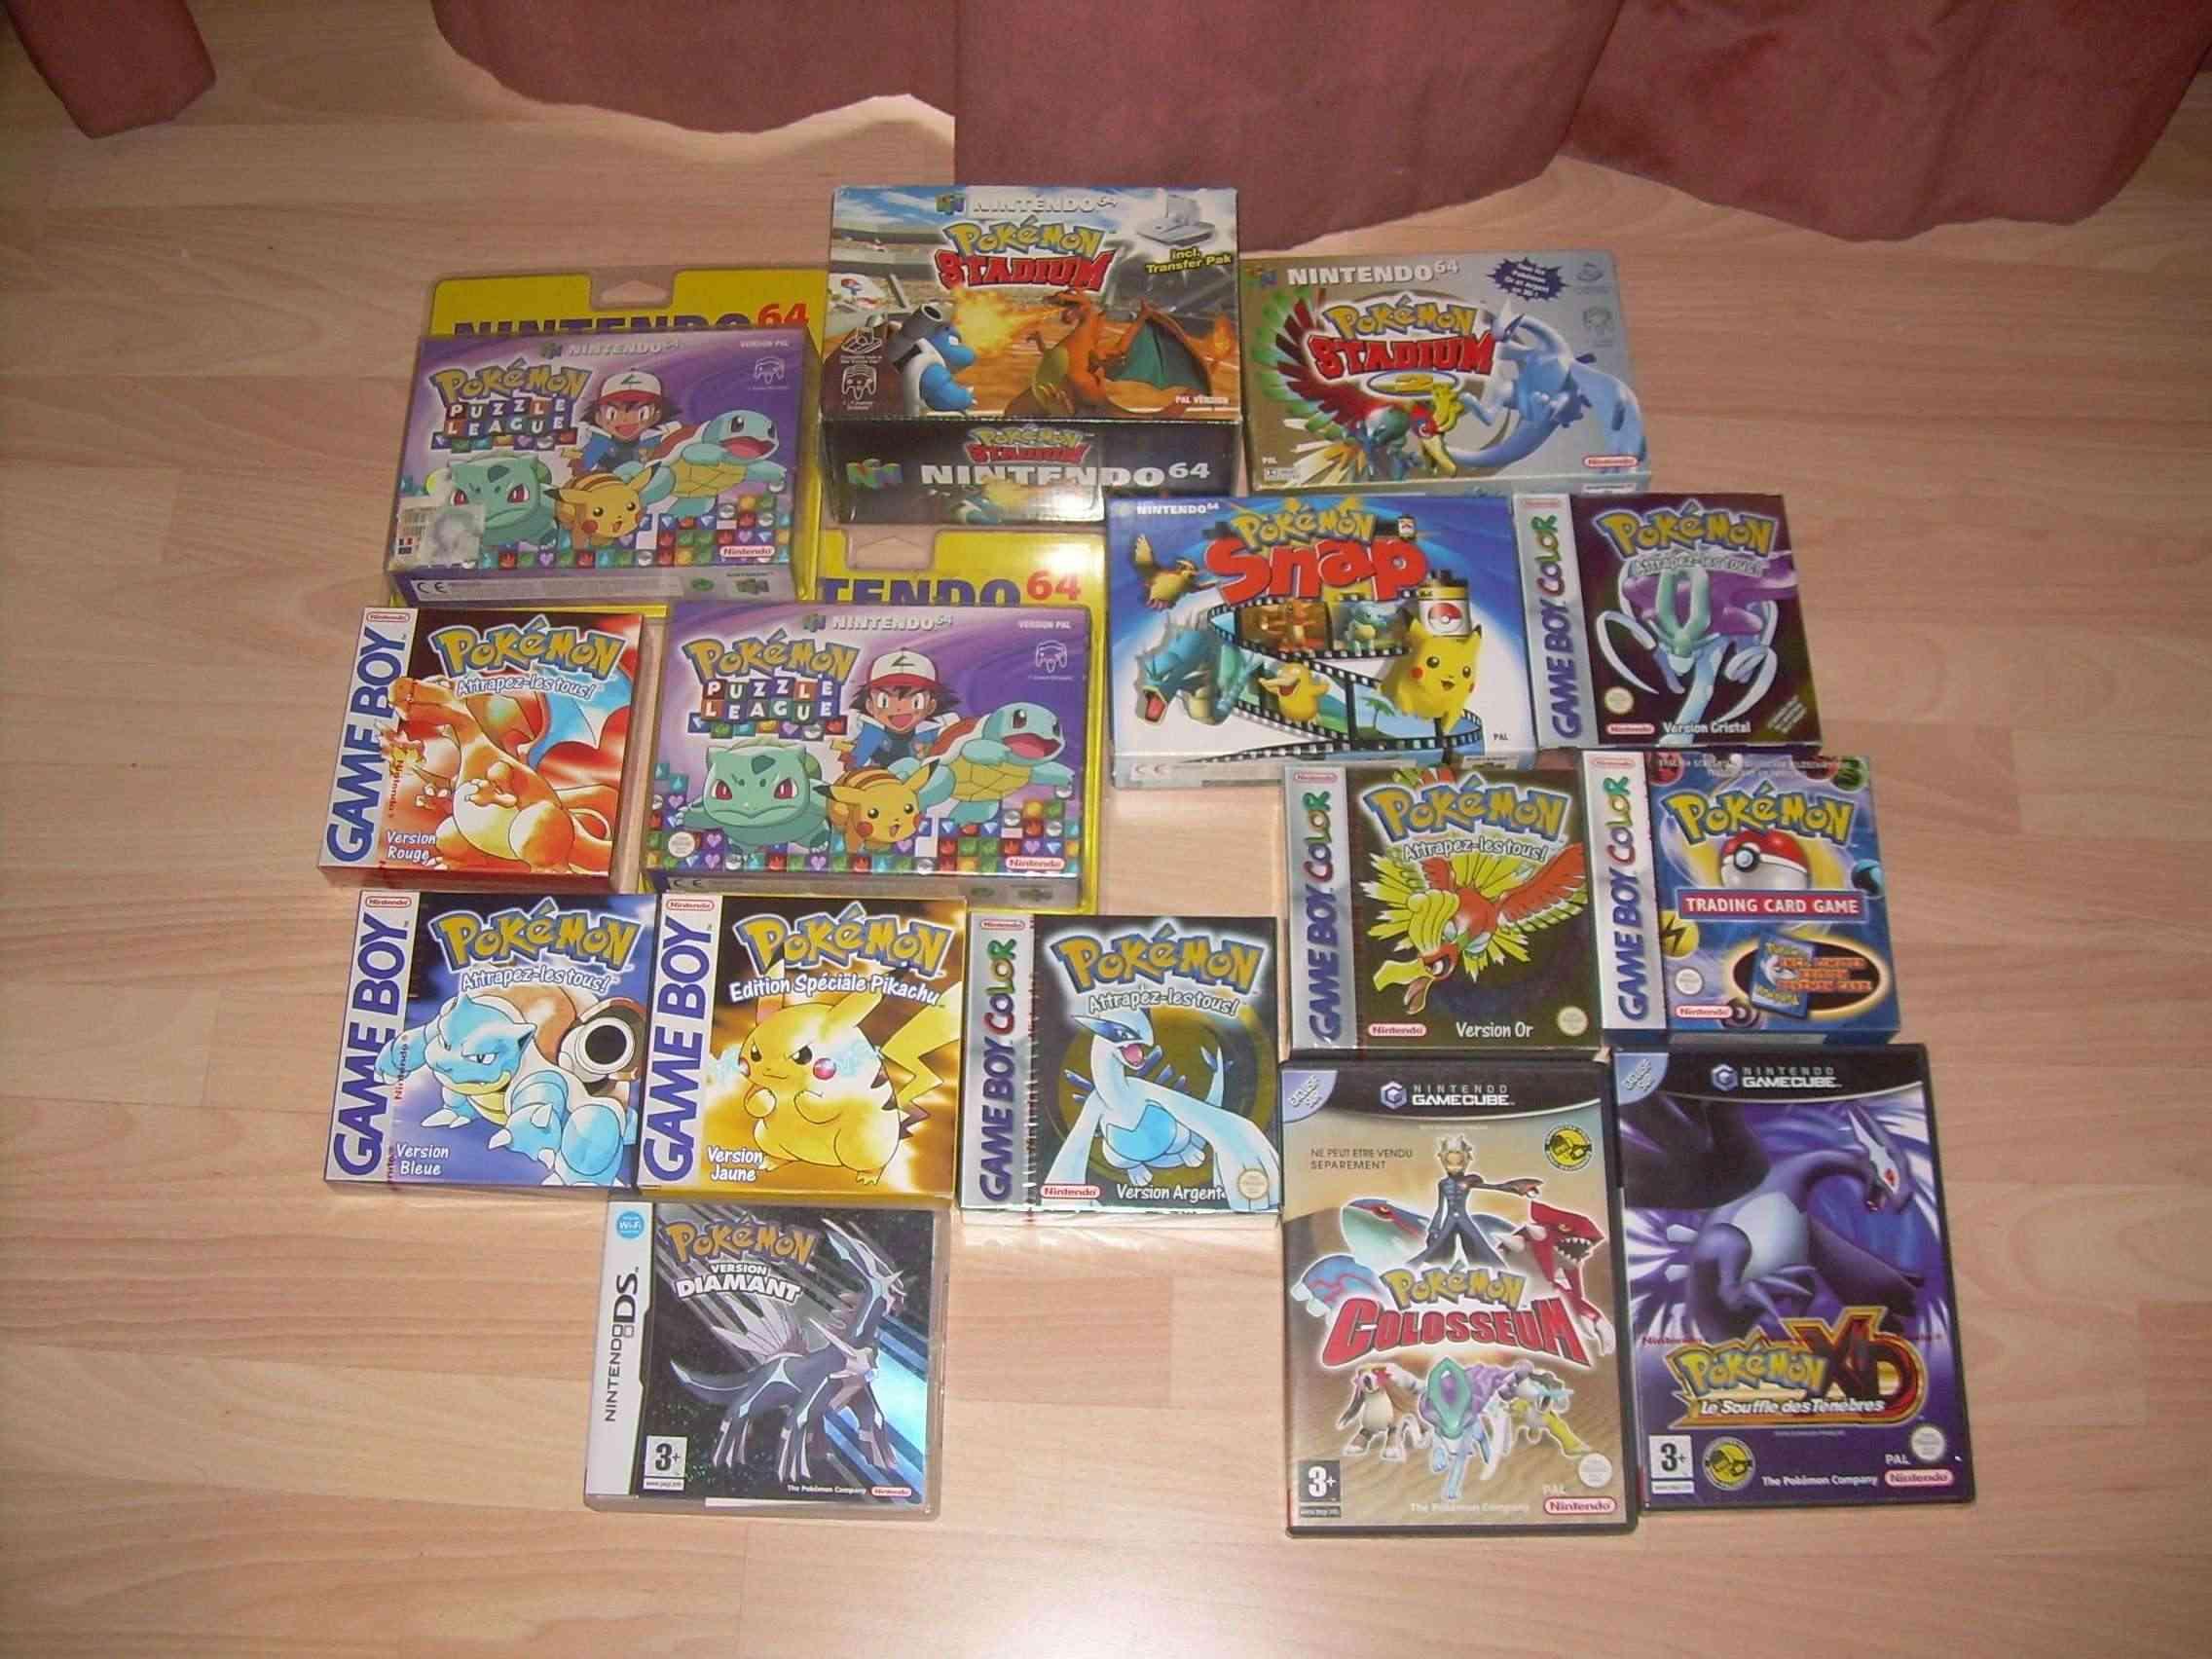 http://i66.servimg.com/u/f66/14/36/54/03/pokemo11.jpg